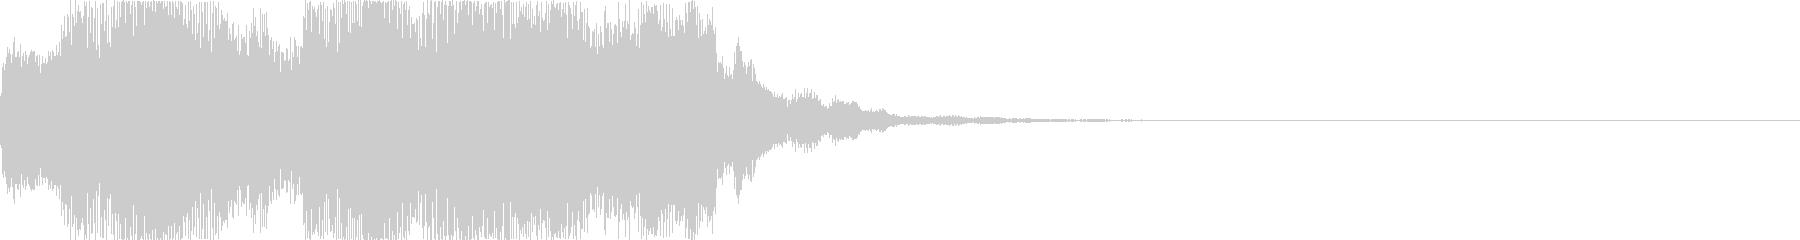 ピロリピロリピロリン(正解やアイテム)の未再生の波形